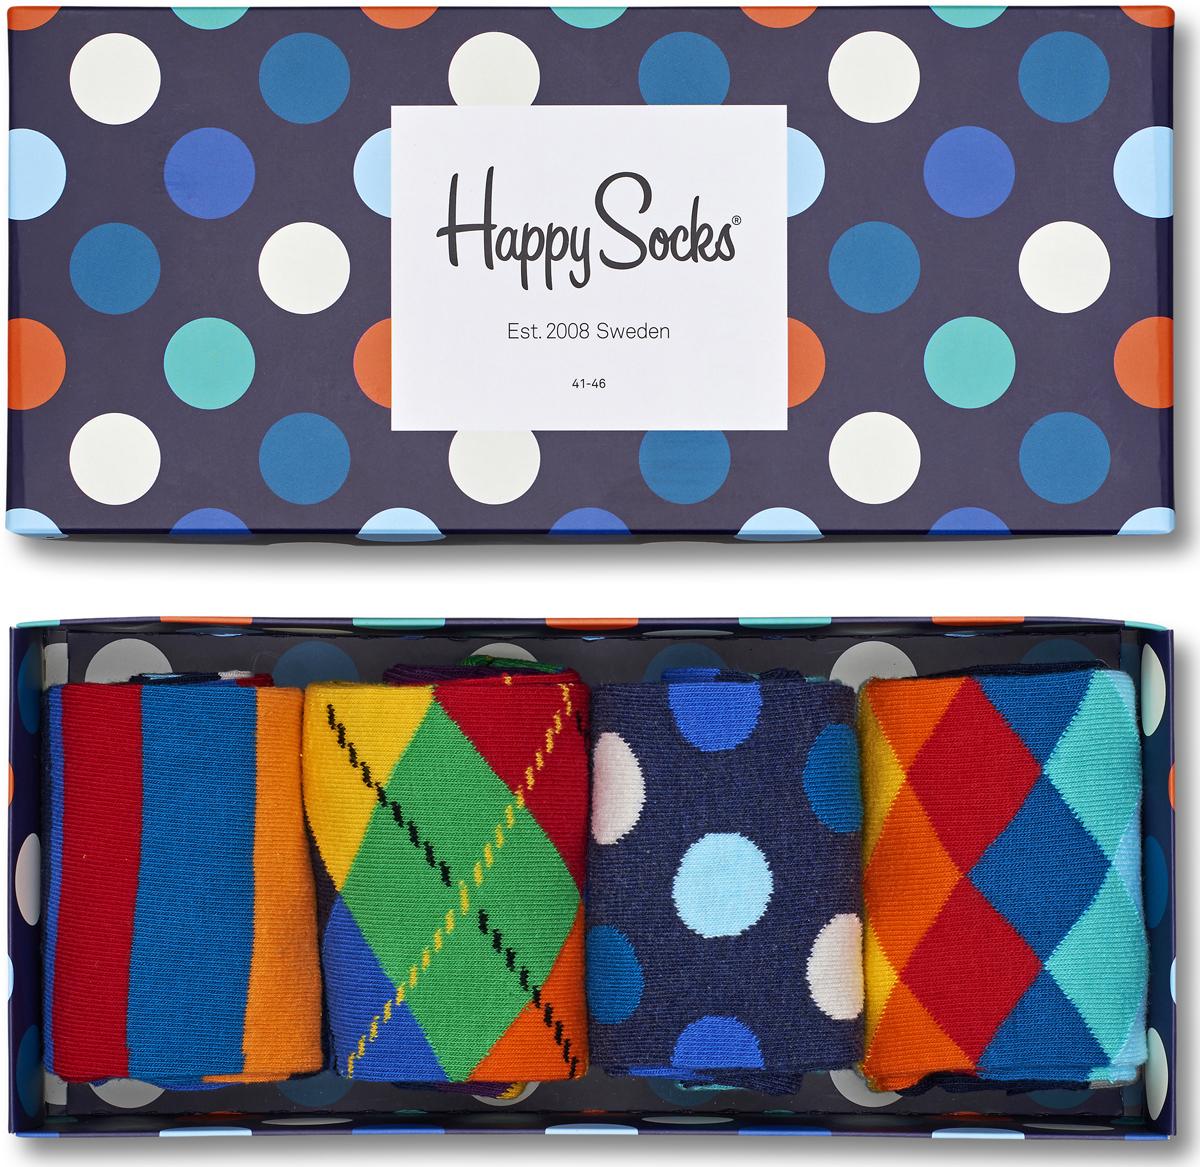 Комплект носков Happy socks, цвет: мультиколор. XMIX09. Размер 25XMIX09Яркие носки Big Bang Socks выполнены из высококачественного хлопка с добавлением полиамида и эластана, которые обеспечивают отличную посадку. В комплект входит четыре пары разноцветных носков с разными принтами. Модель оснащена эластичной резинкой, которая плотно облегает ногу, не сдавливая ее, обеспечивает удобство. Комплект упакован в фирменную коробку.